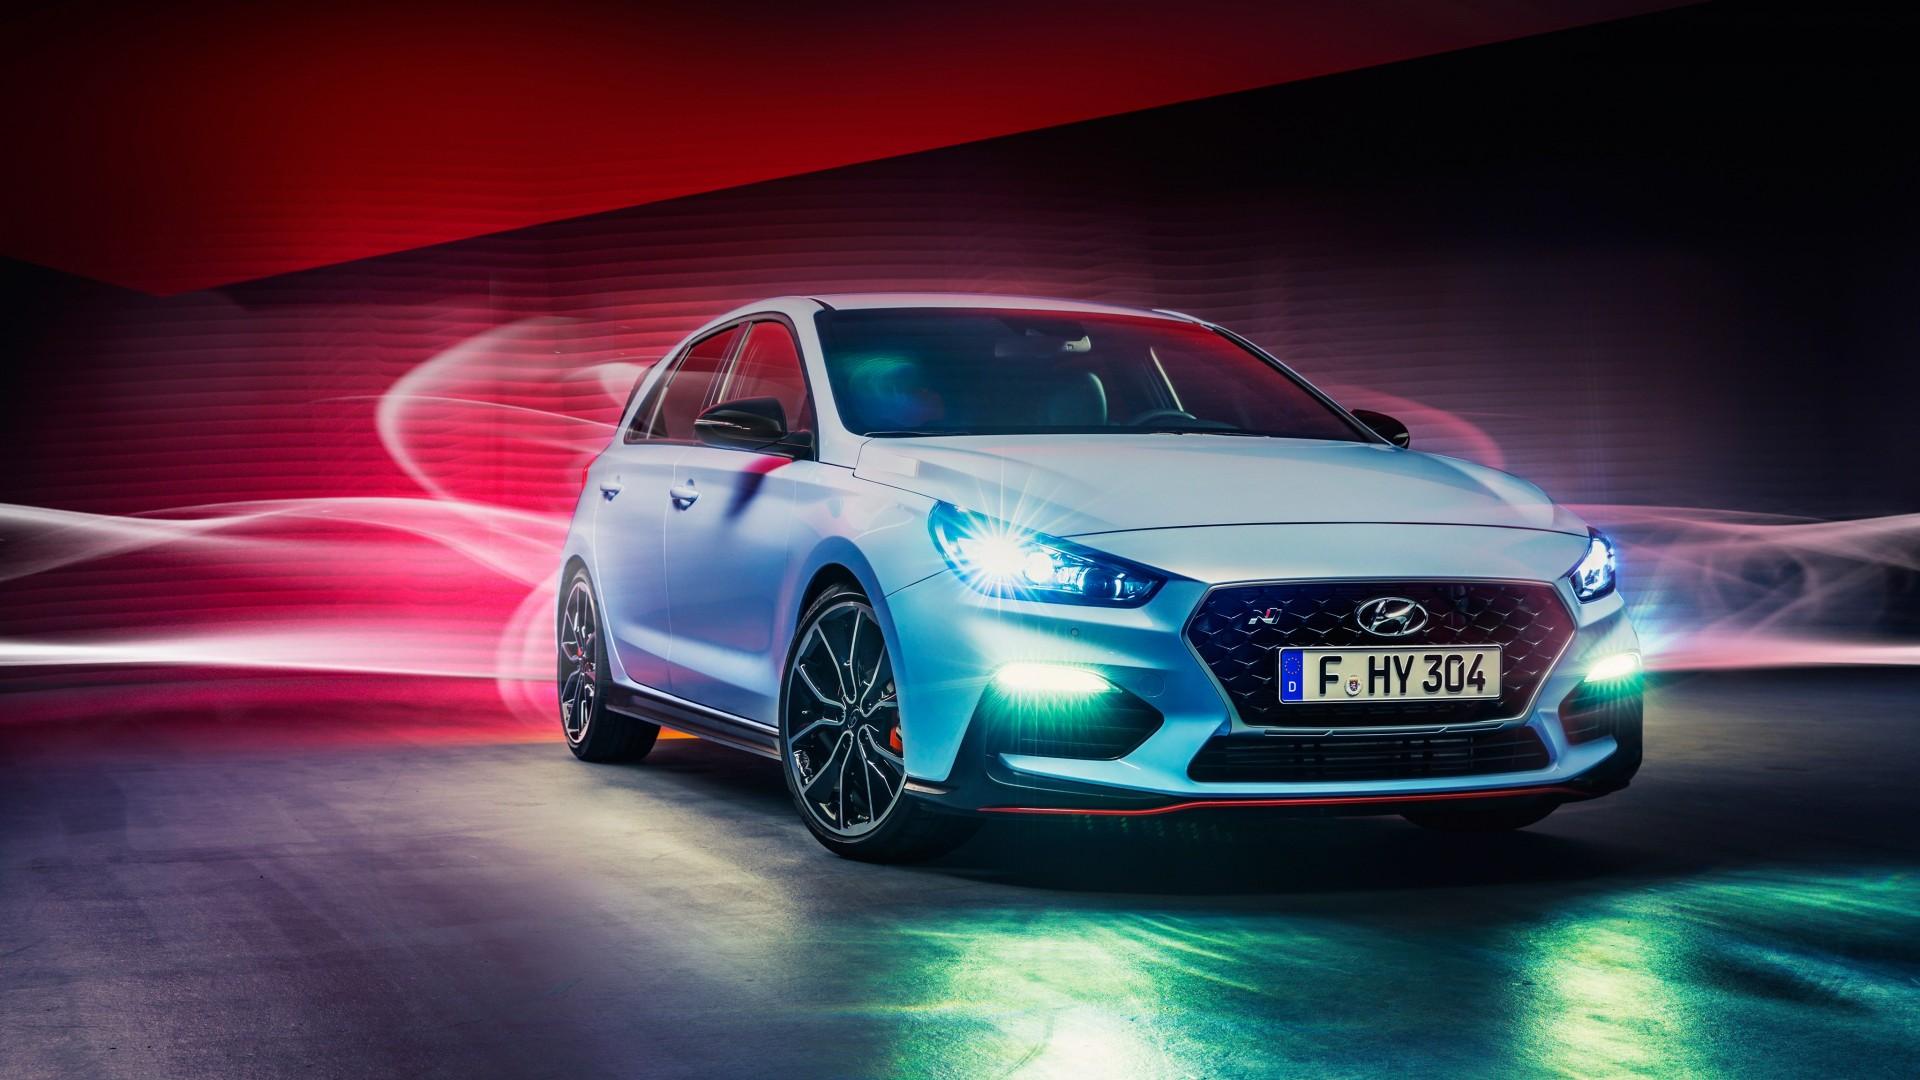 Hyundai takes a quantum leap with the 2020 sonata. 2017 Hyundai i30 N Wallpaper   HD Car Wallpapers   ID #7970